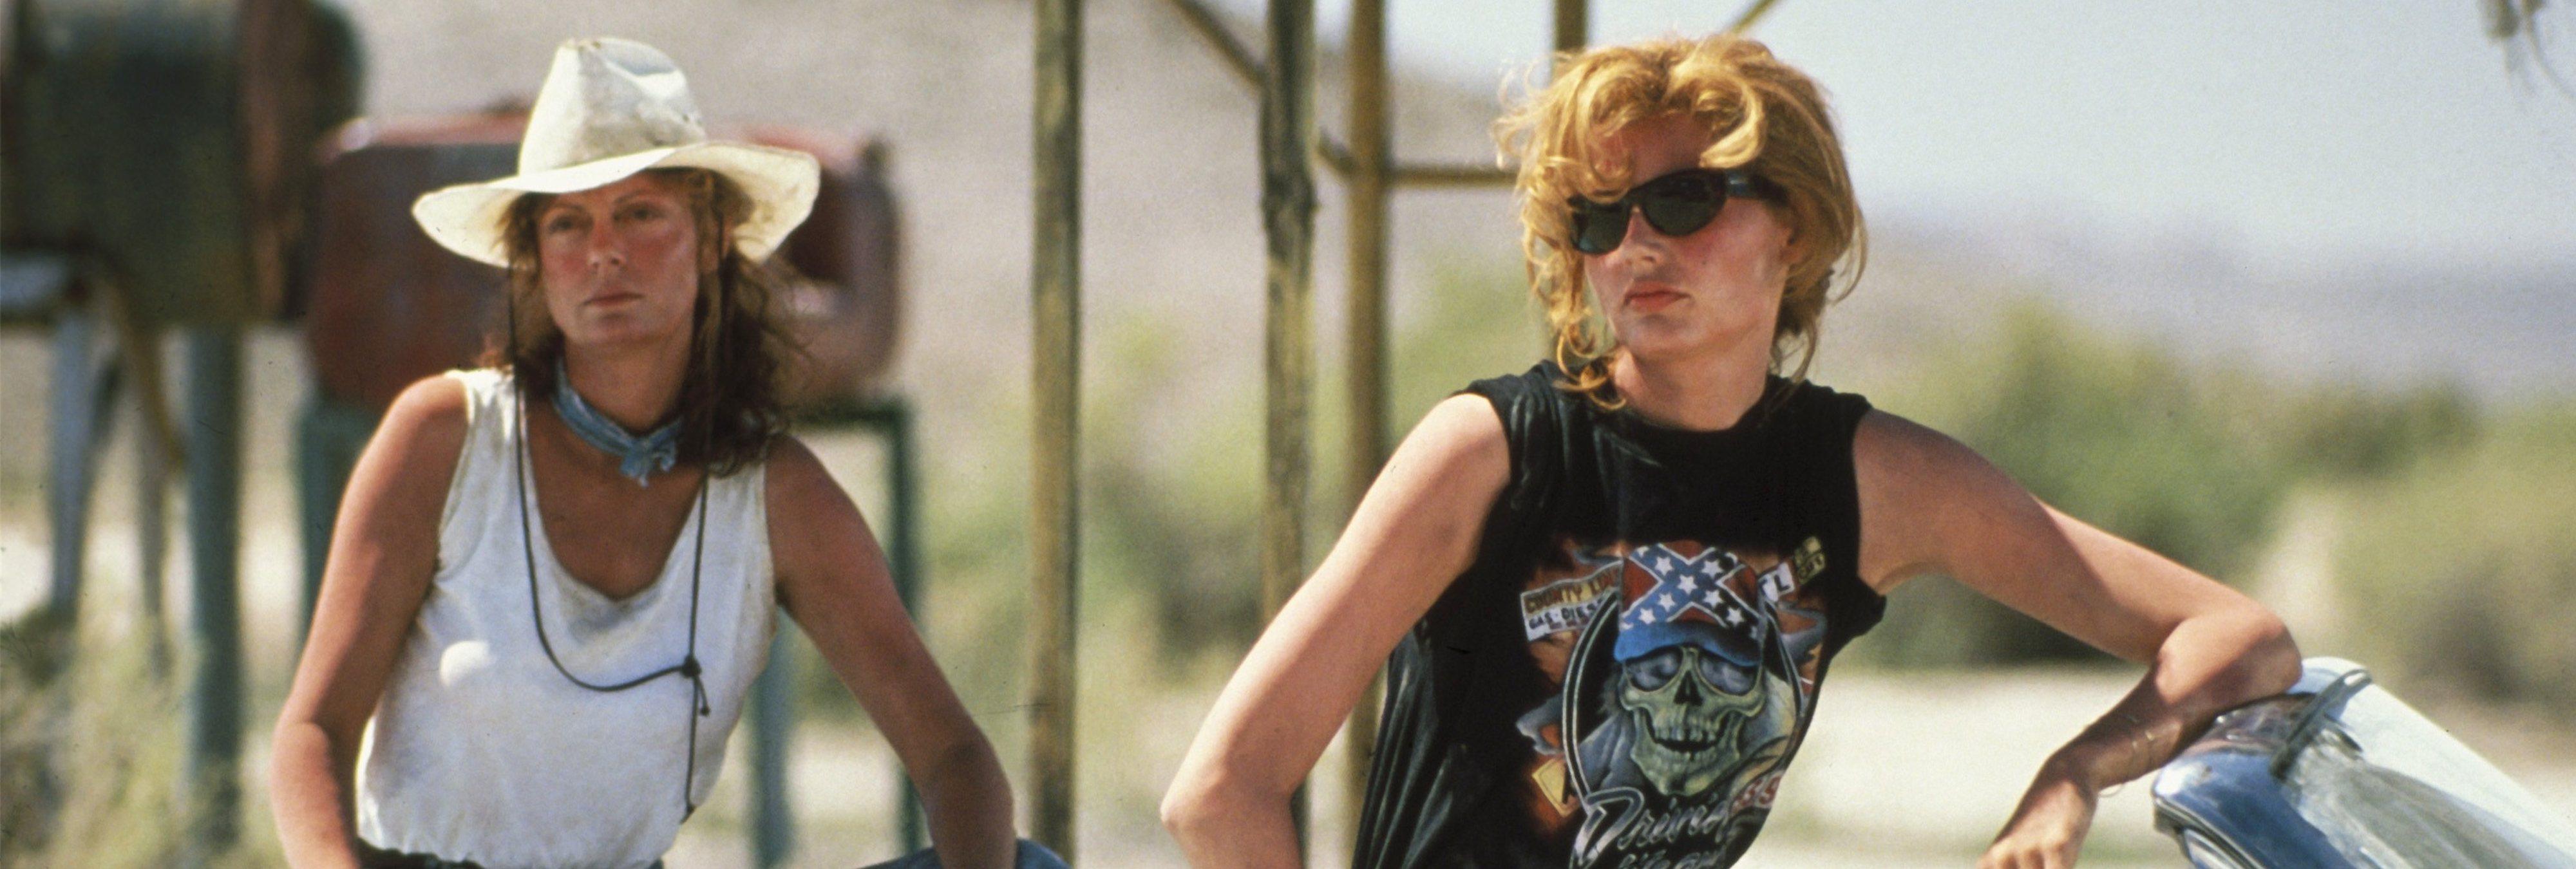 10 películas sobre el maravilloso valor de la amistad